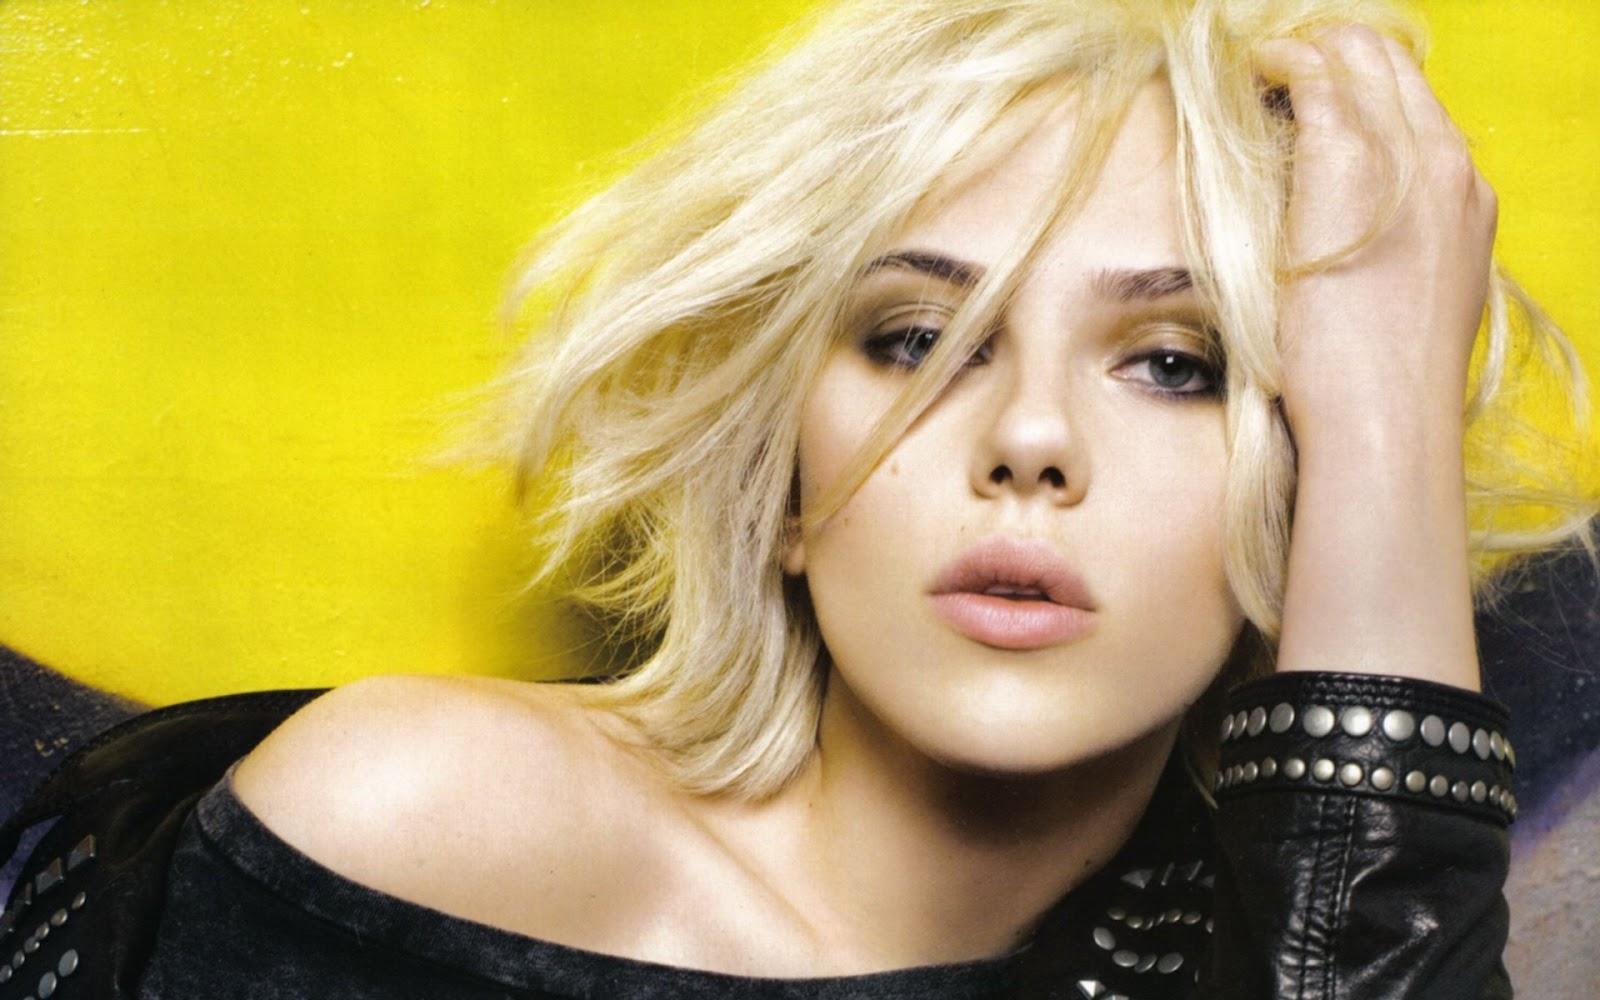 http://4.bp.blogspot.com/-Vtc2yhHszHI/TzEzWsw8NRI/AAAAAAAAEpA/D9UC4f0M2nA/s1600/Scarlett-Johansson-Widescreen-Wallpaper-scarlett-johansson-9587971-1920-1200.jpg